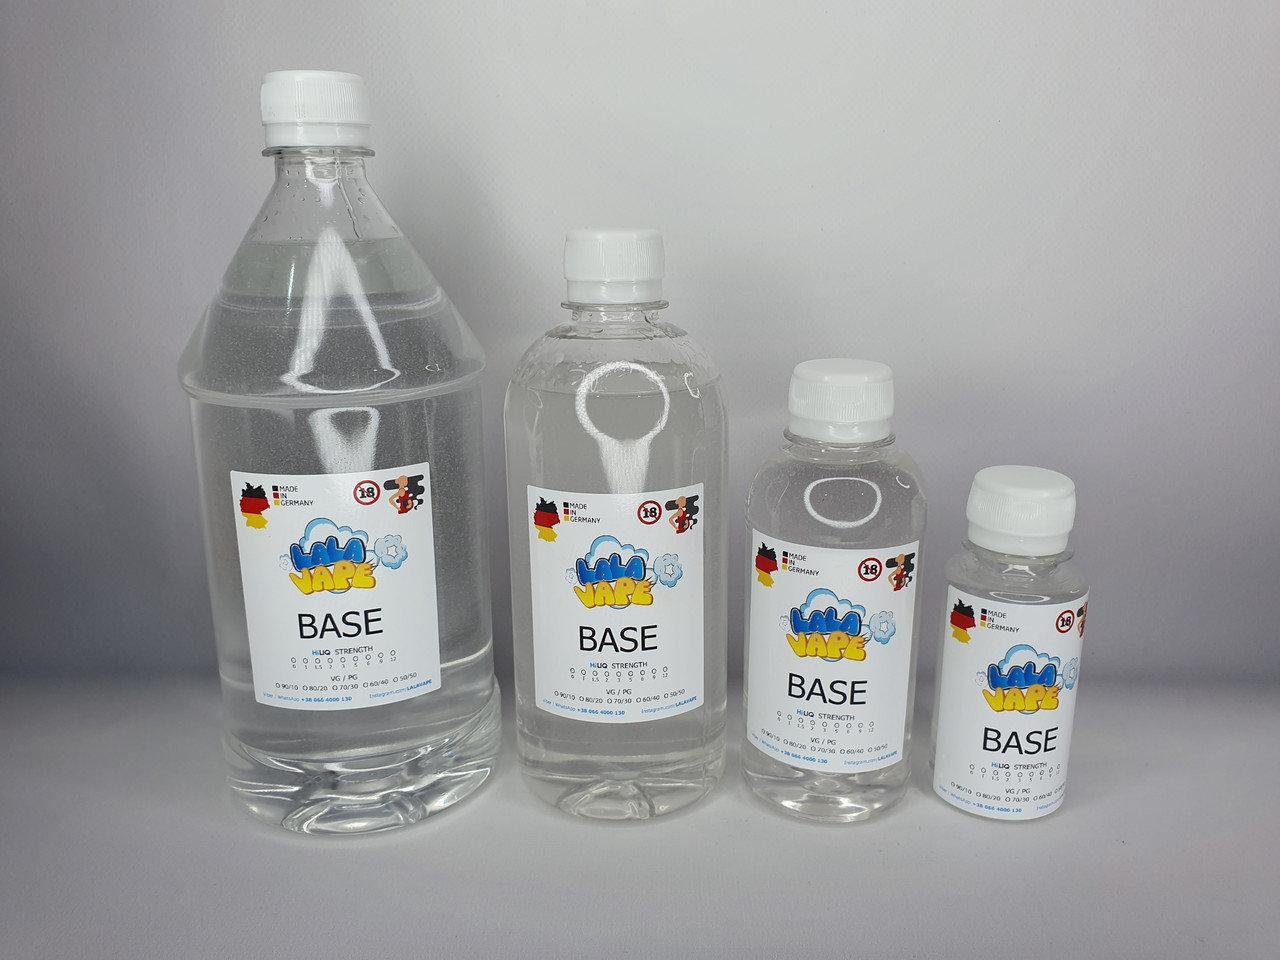 Нажмите, для выбора солевой базы